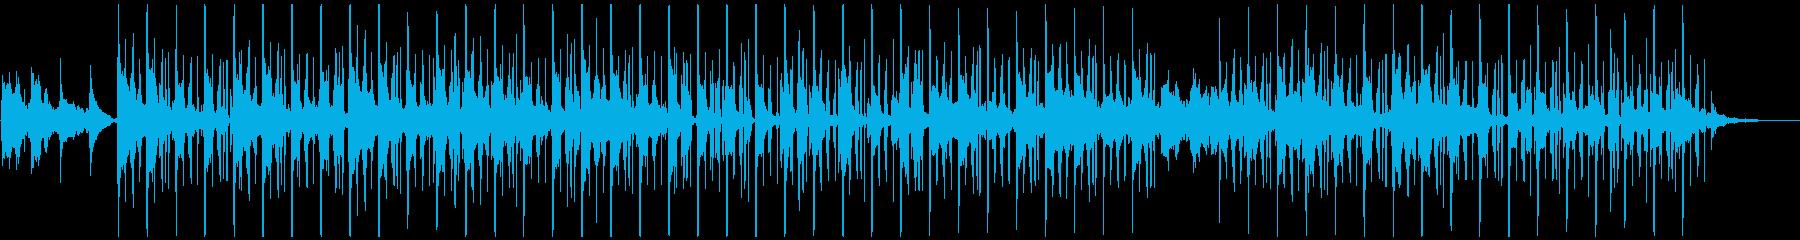 浮遊感のあるノスタルジックなチルアウトの再生済みの波形